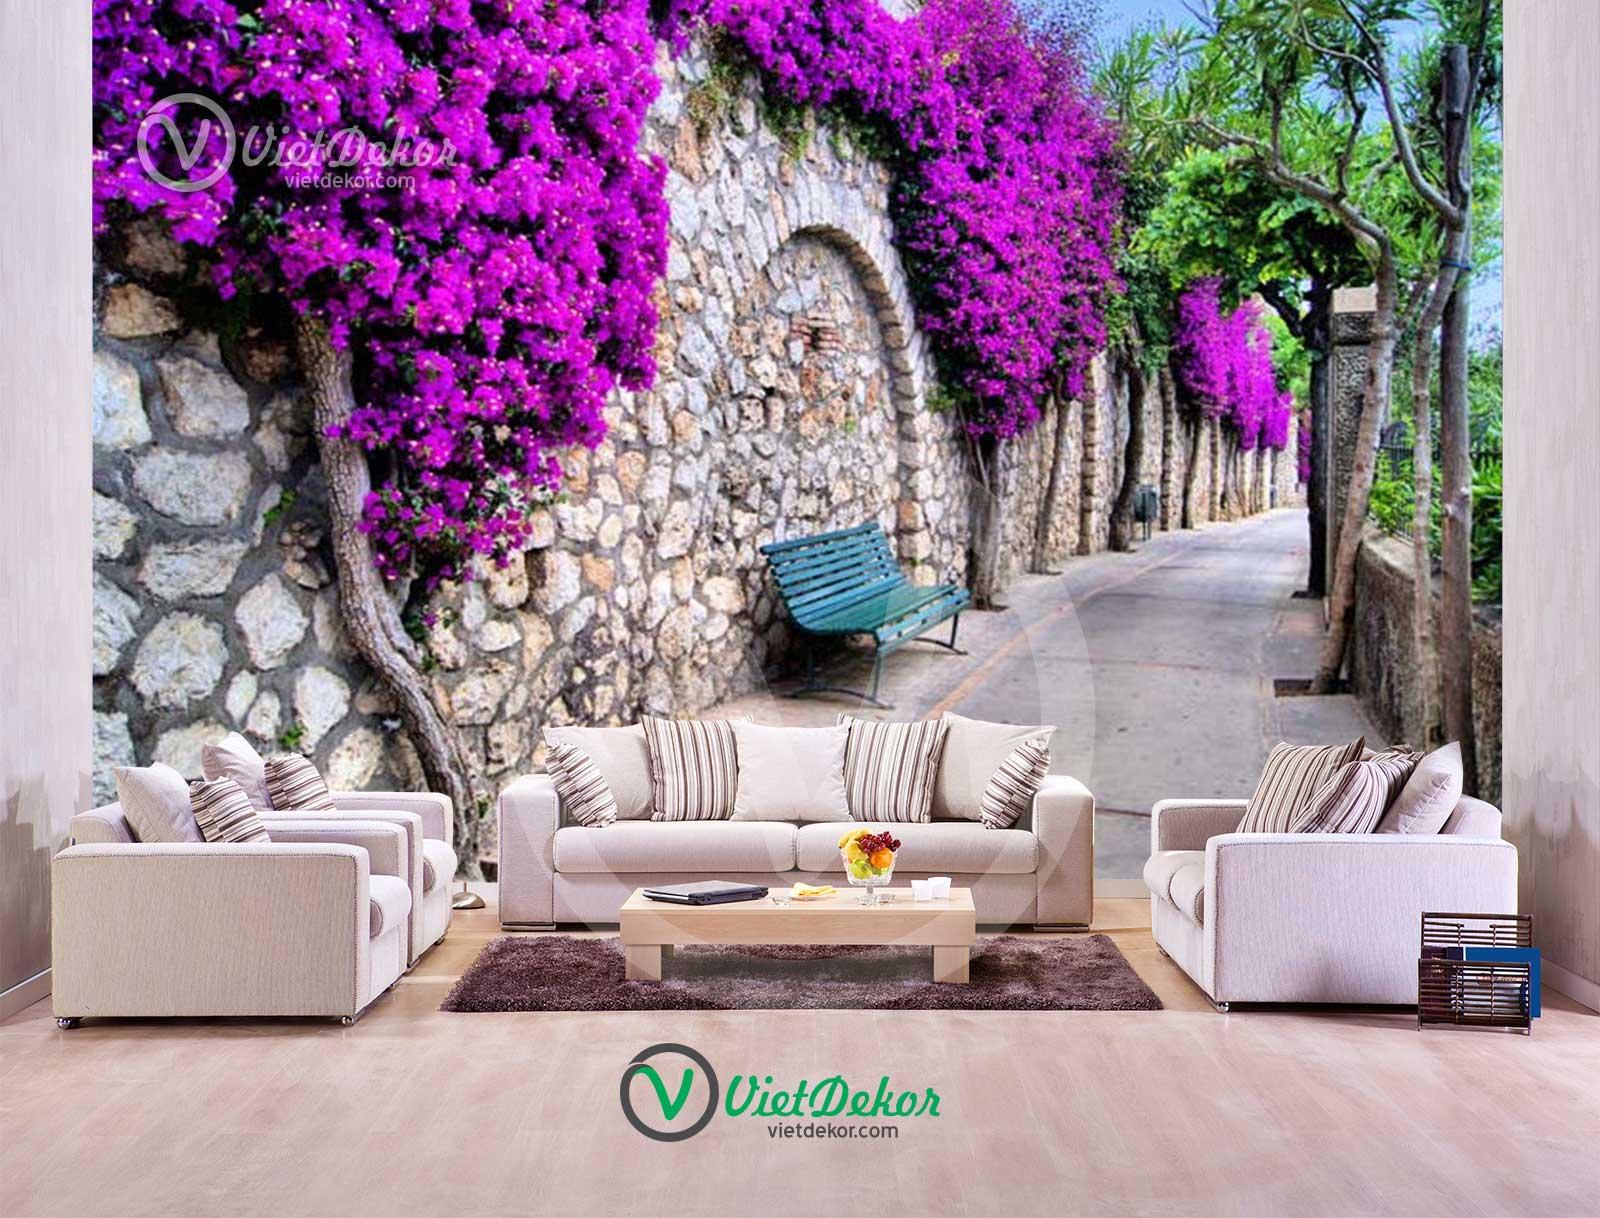 Tranh dán tường 3d Màu tím hoa tường đường mòn